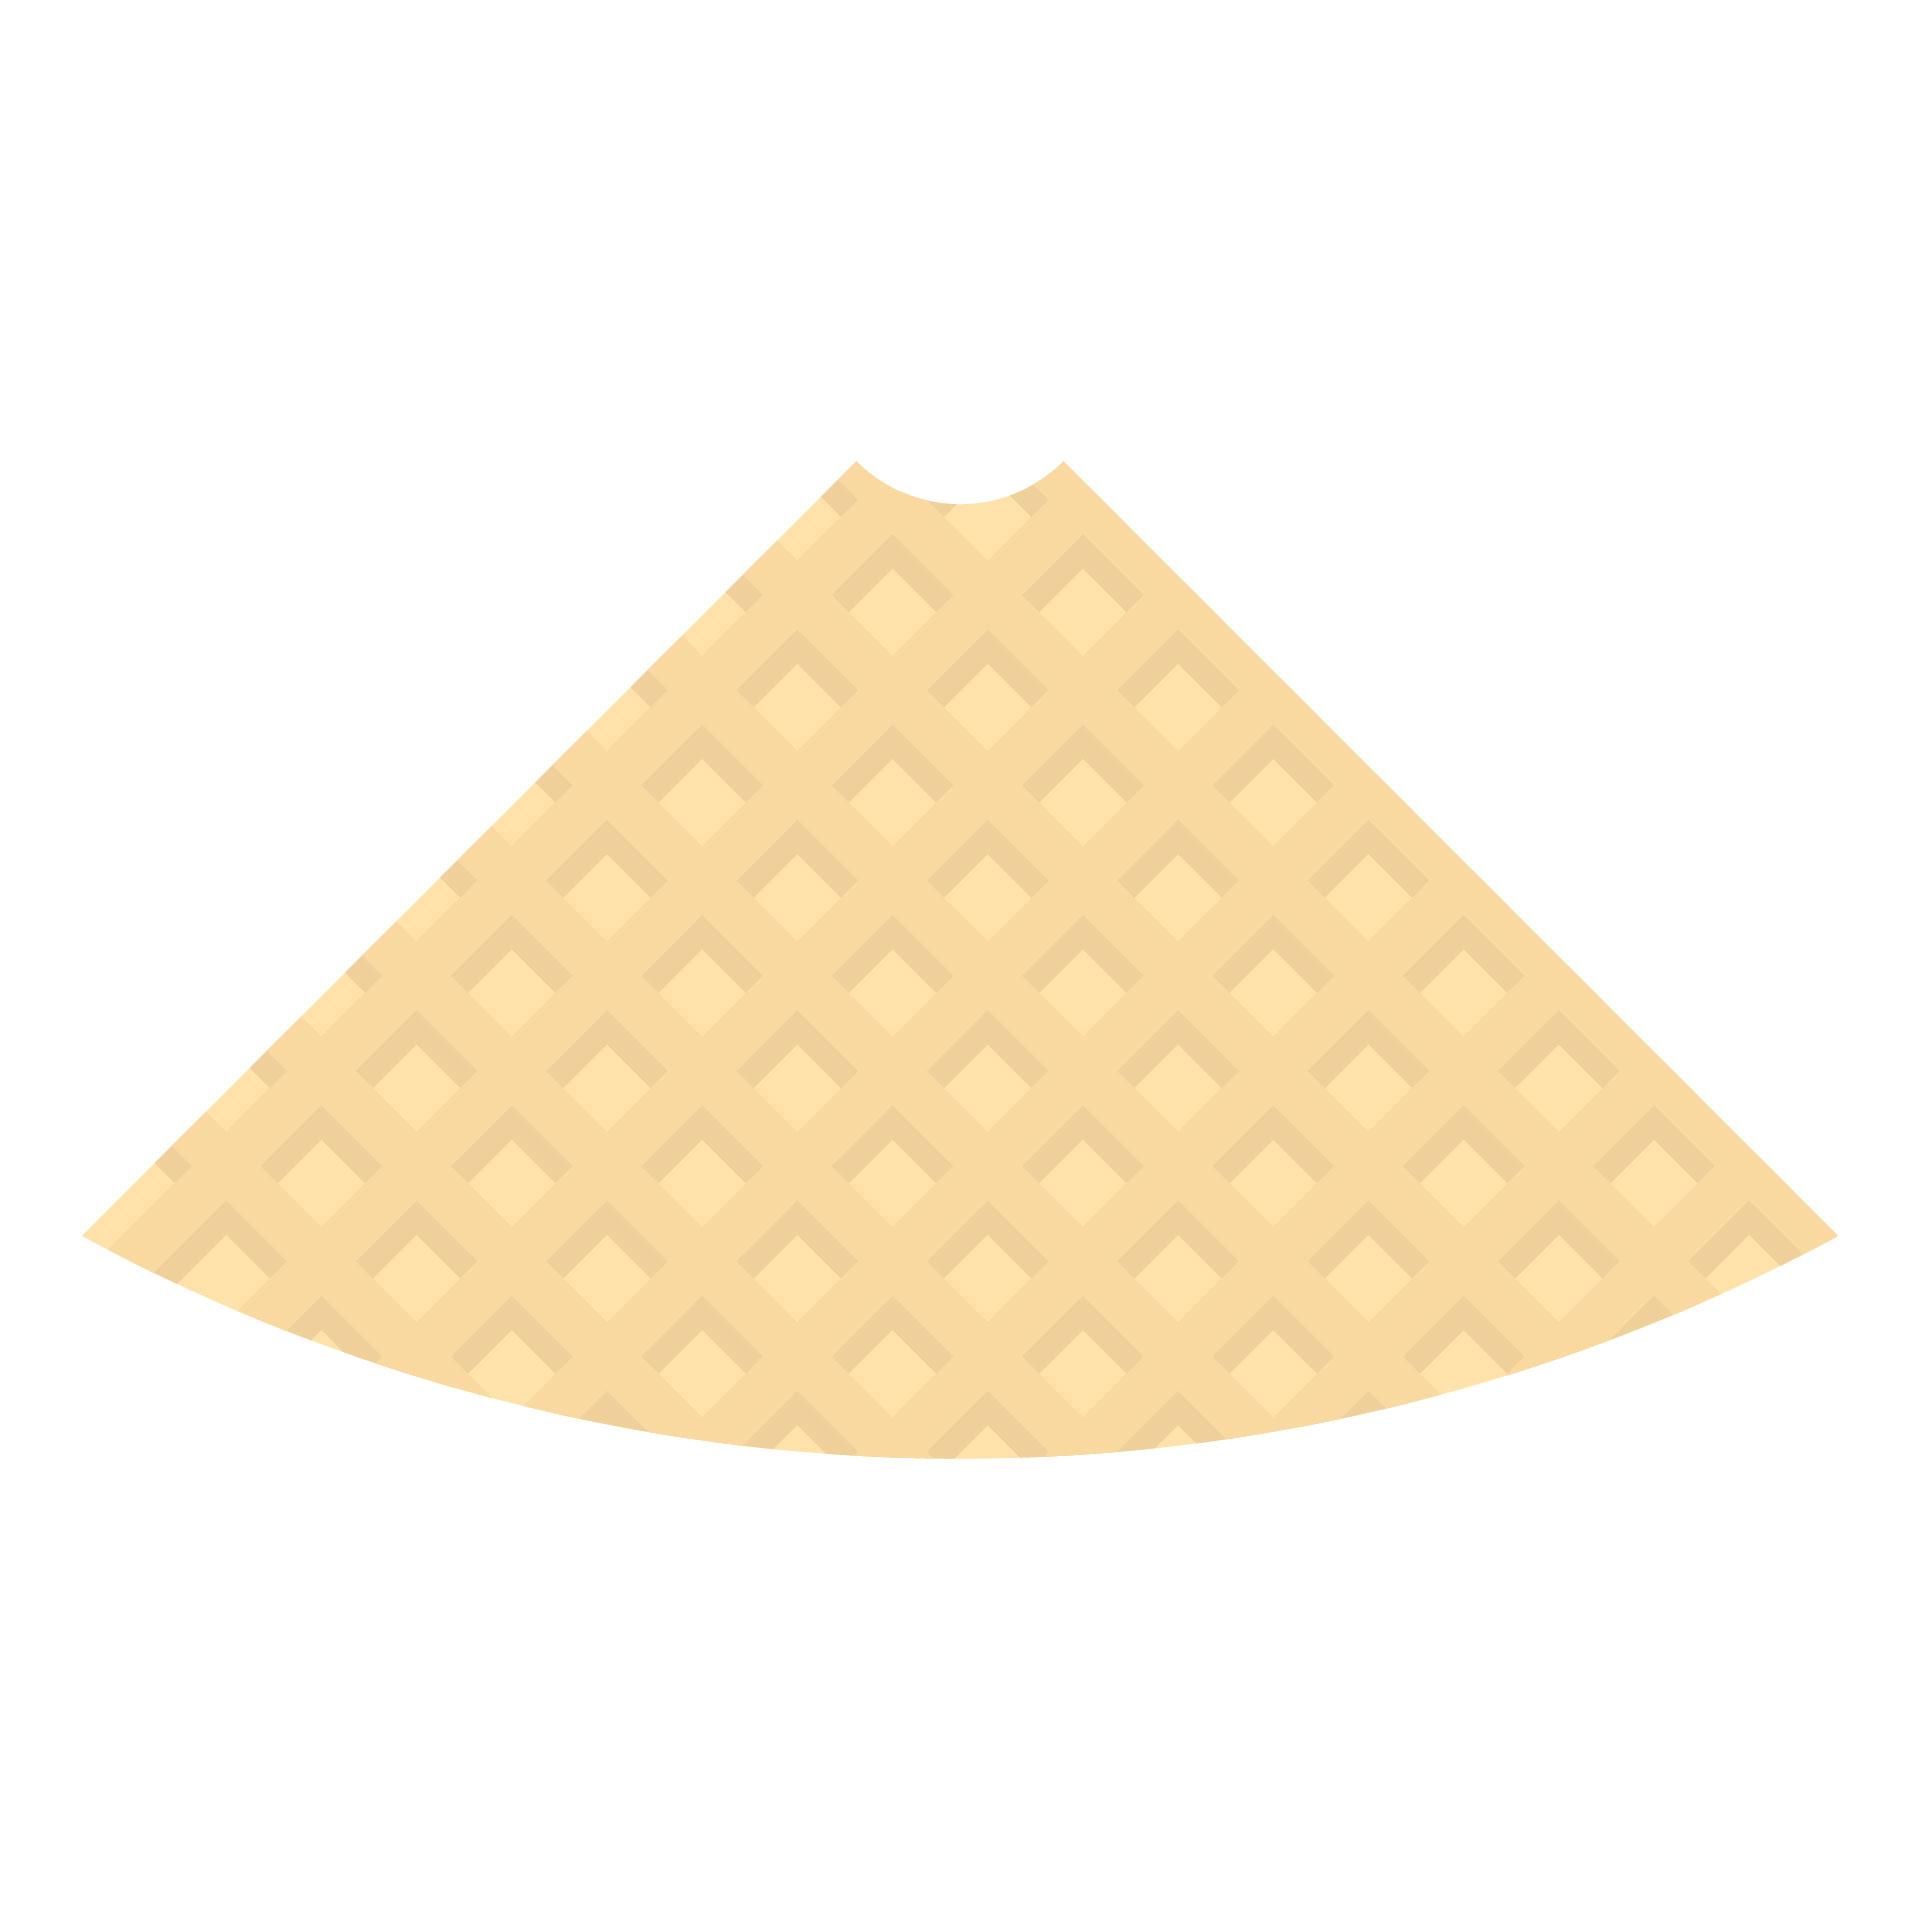 Ice Cream Cone Paper Template